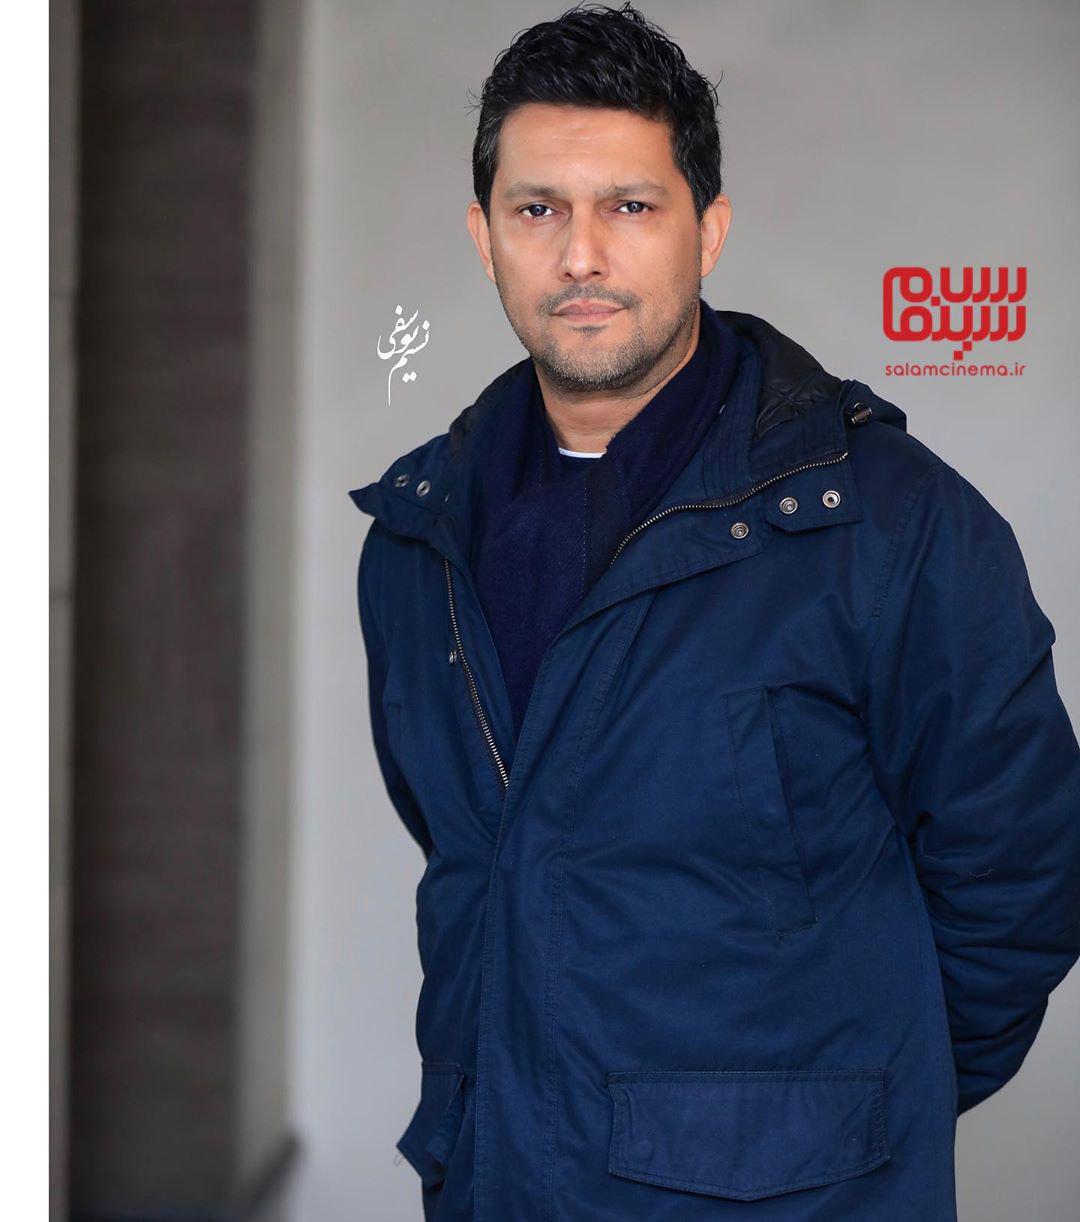 حامد بهداد - جان دار -گزارش تصویری هفتگی